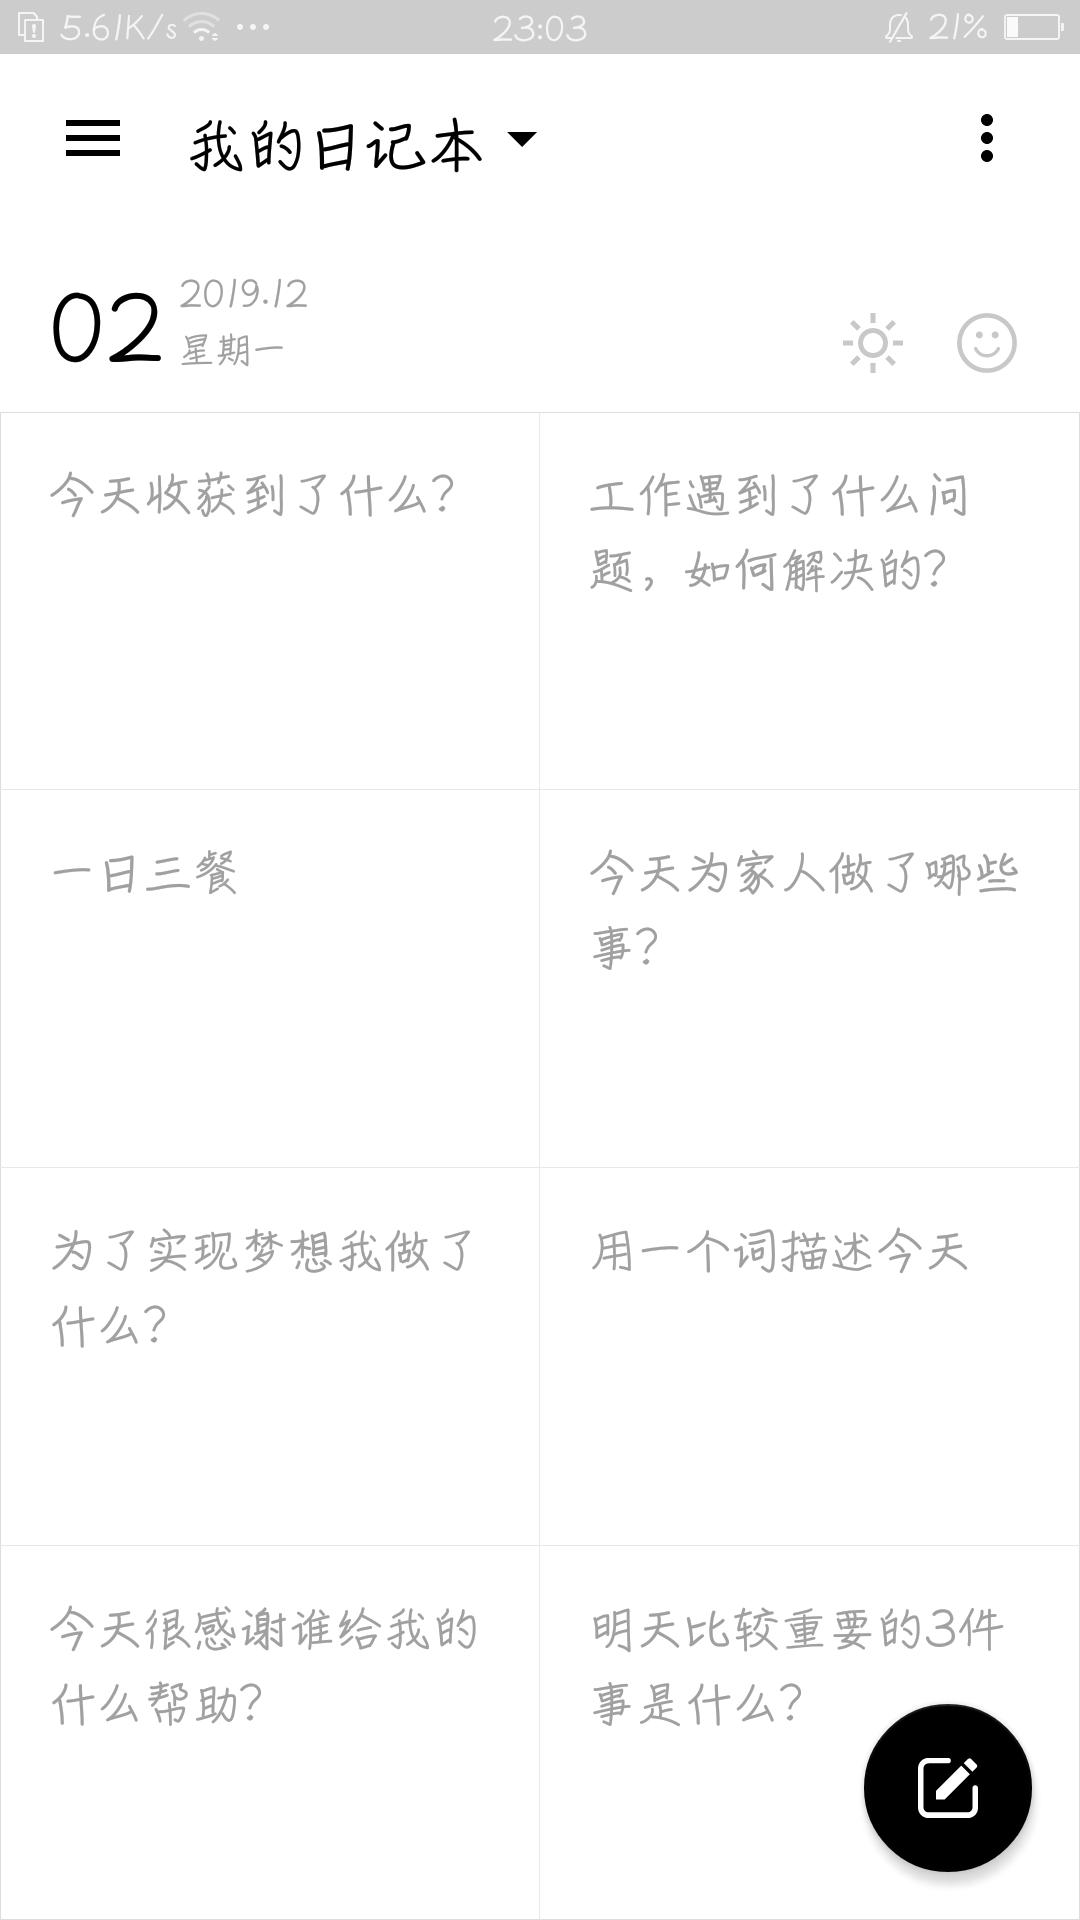 【分享】格间日记 - 1.0.0